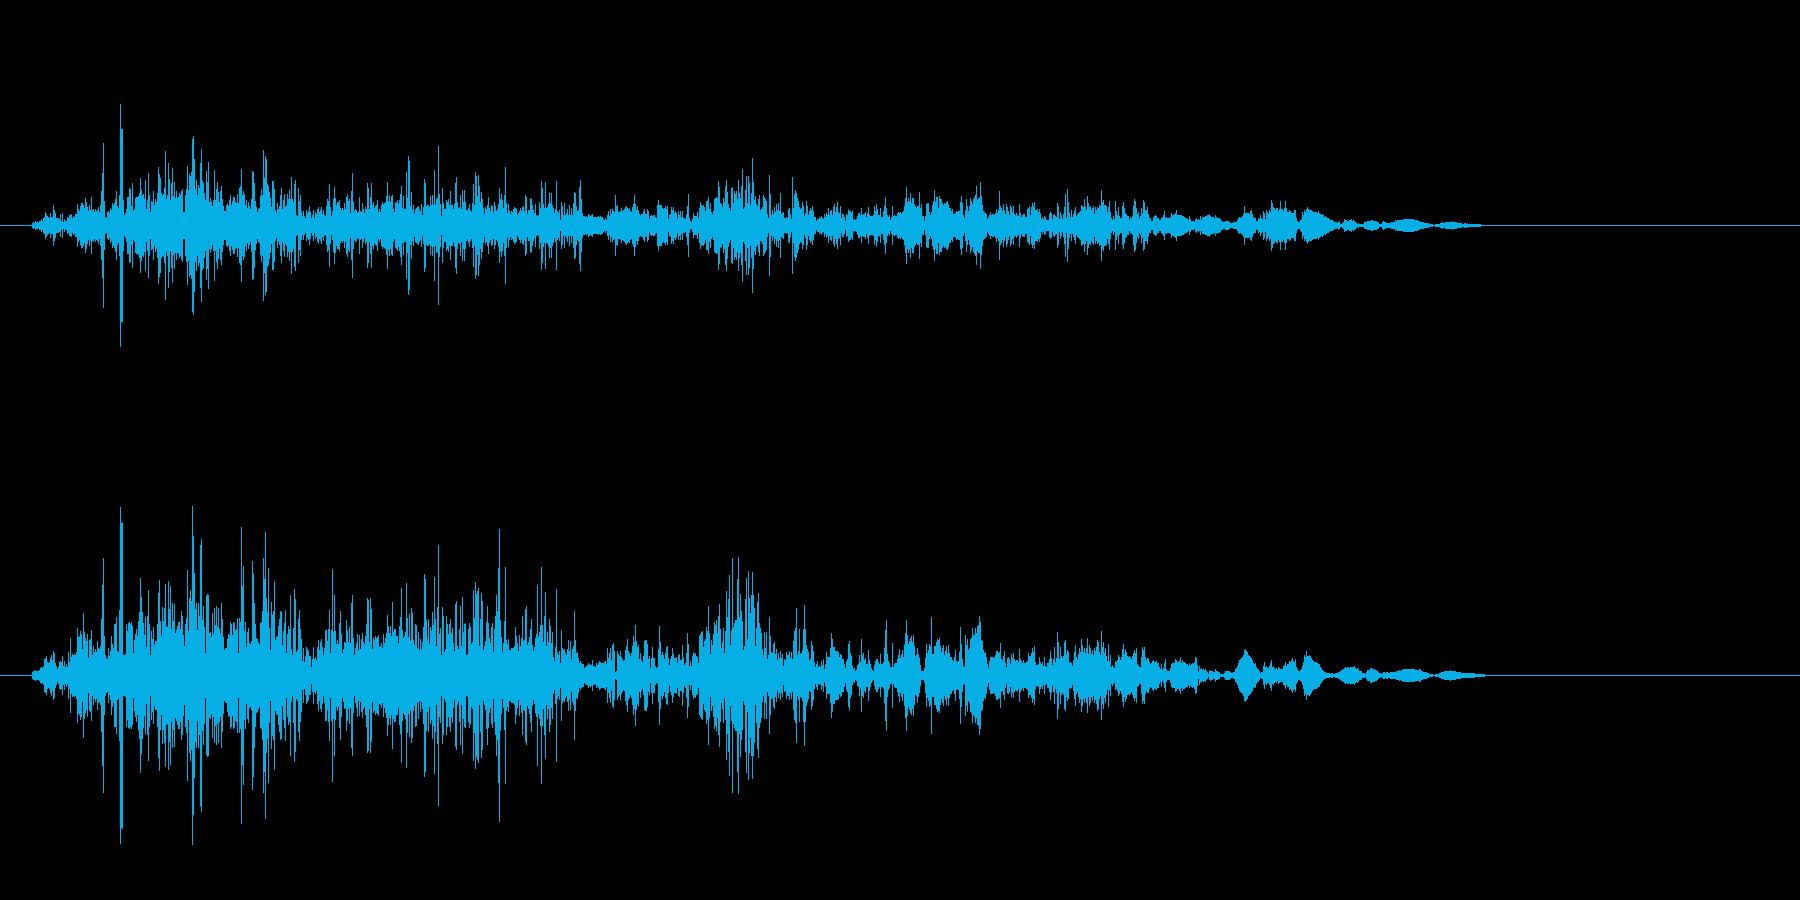 クシャッ(摩擦音)シンプルの再生済みの波形